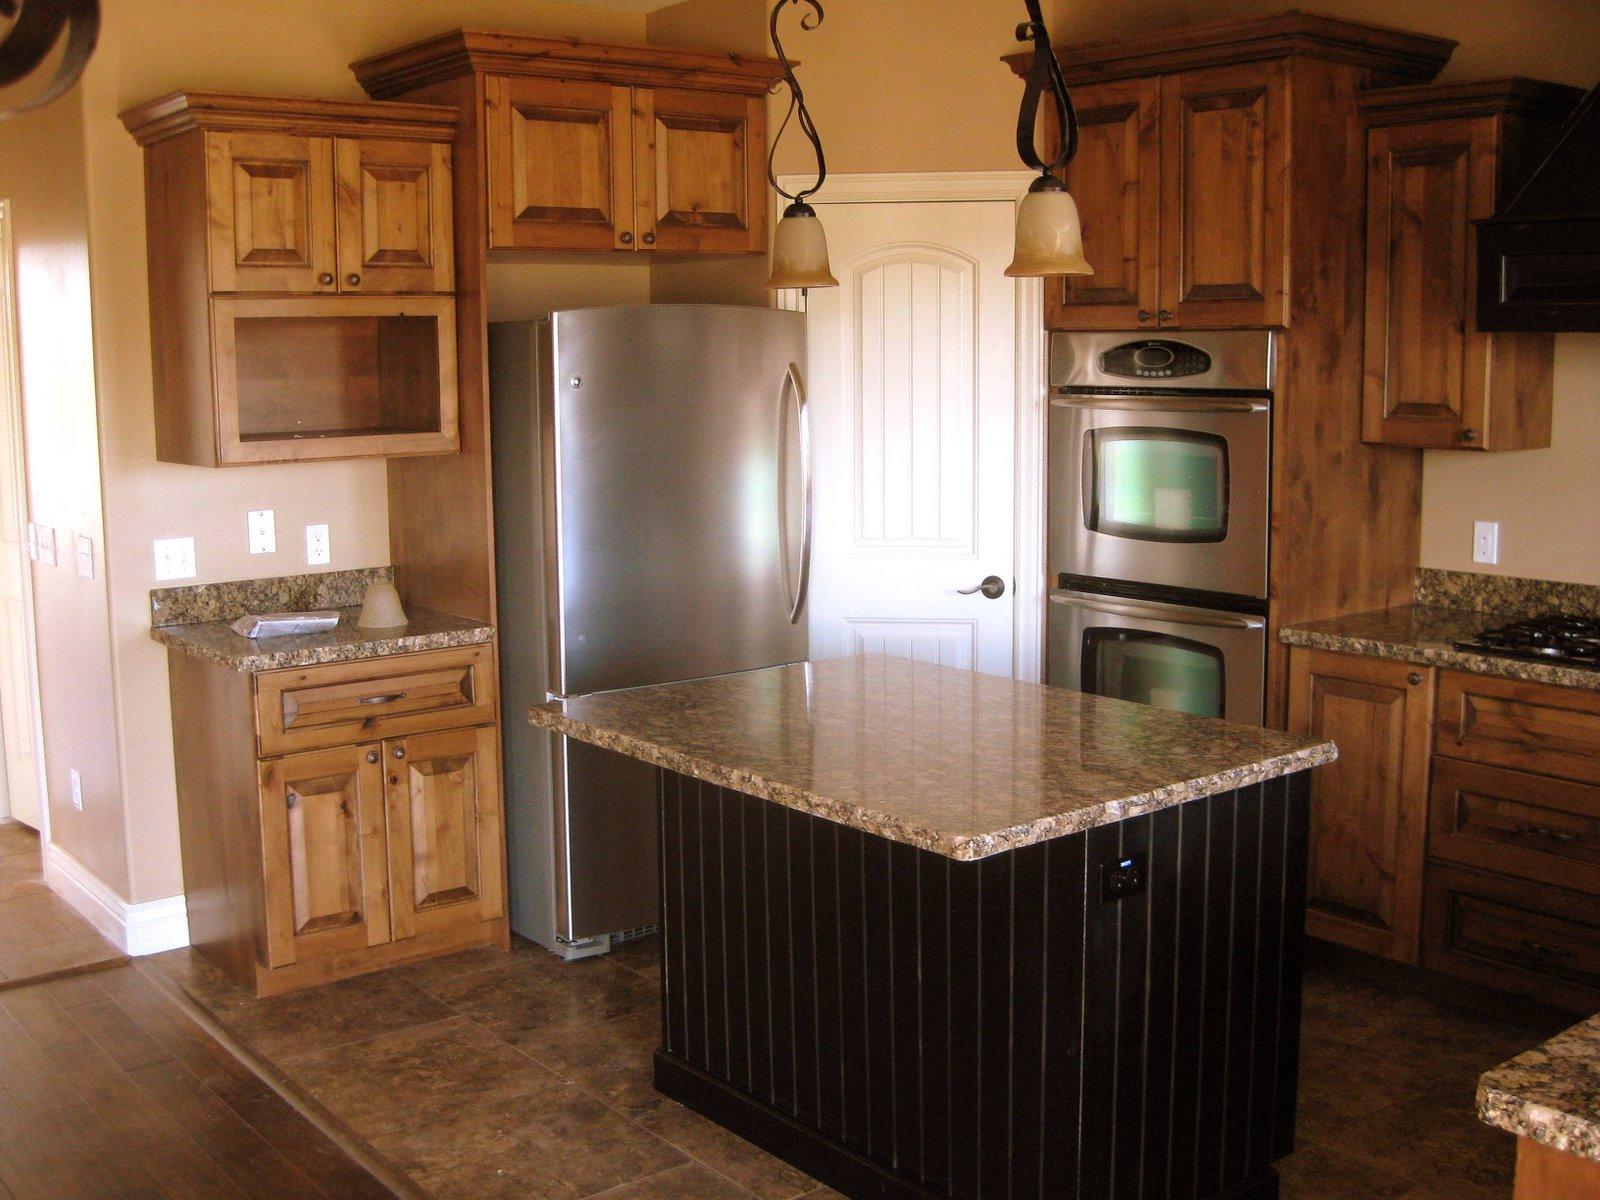 Lec cabinets alder kitchen cabinets for Alder kitchen cabinets